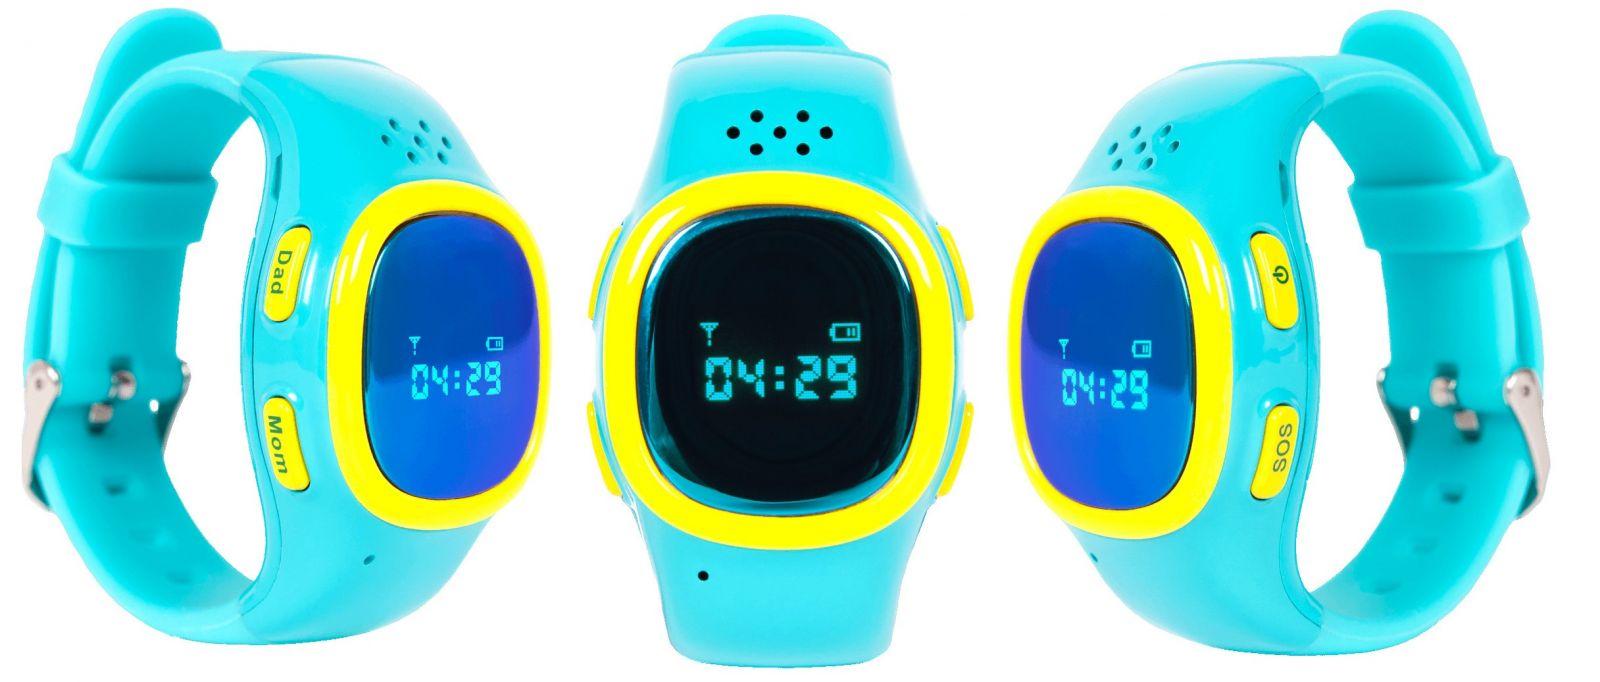 Детские часы с GPS к 1 сентября: на что можно обратить внимание - 2